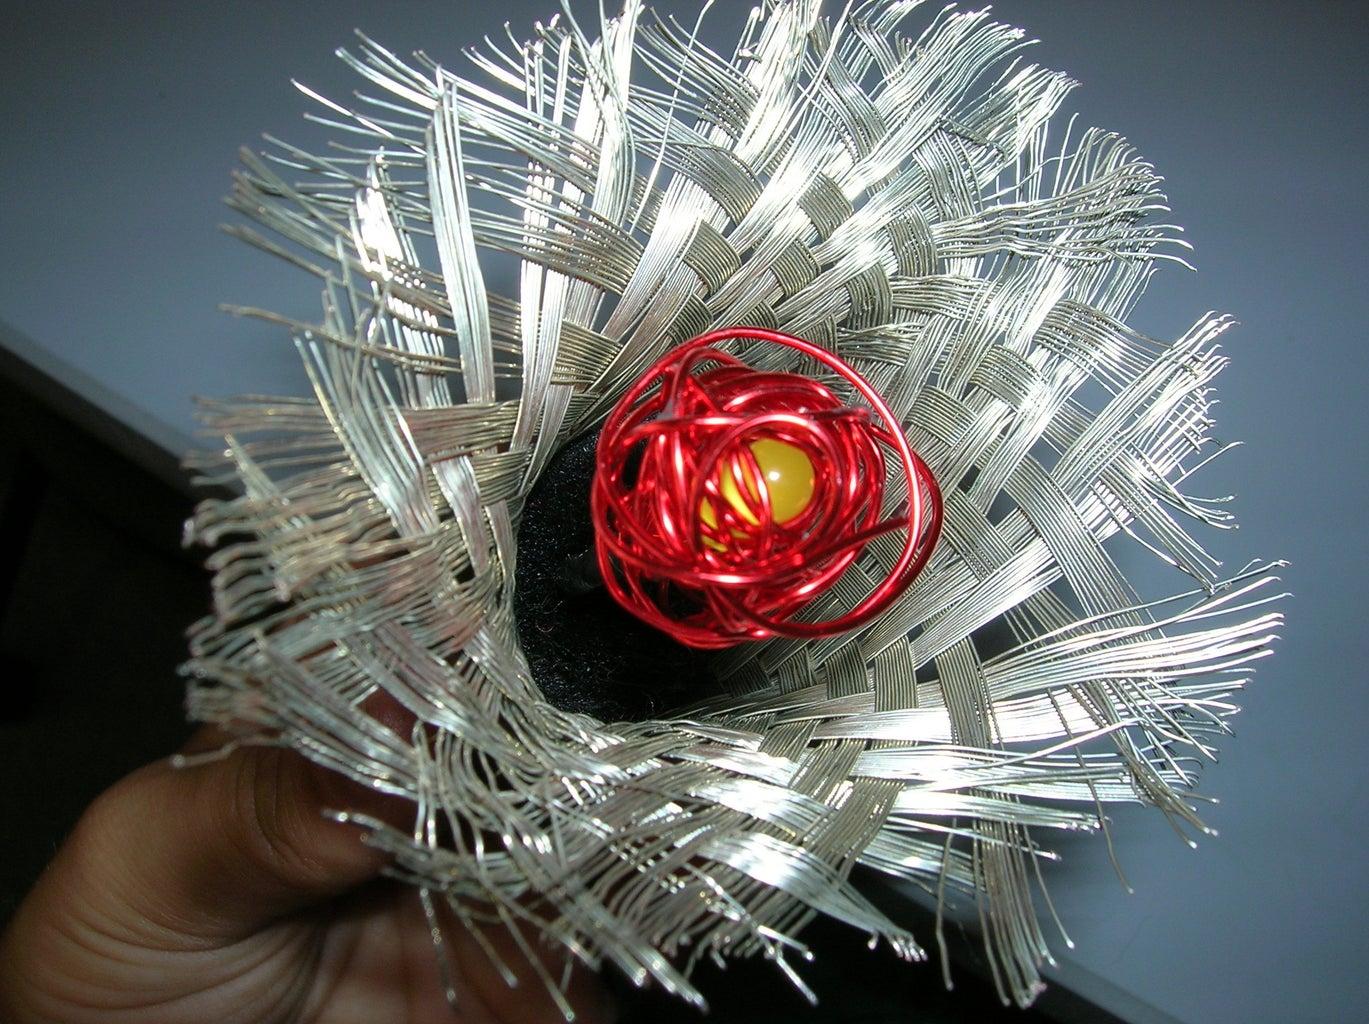 Insert LED Into Flower.